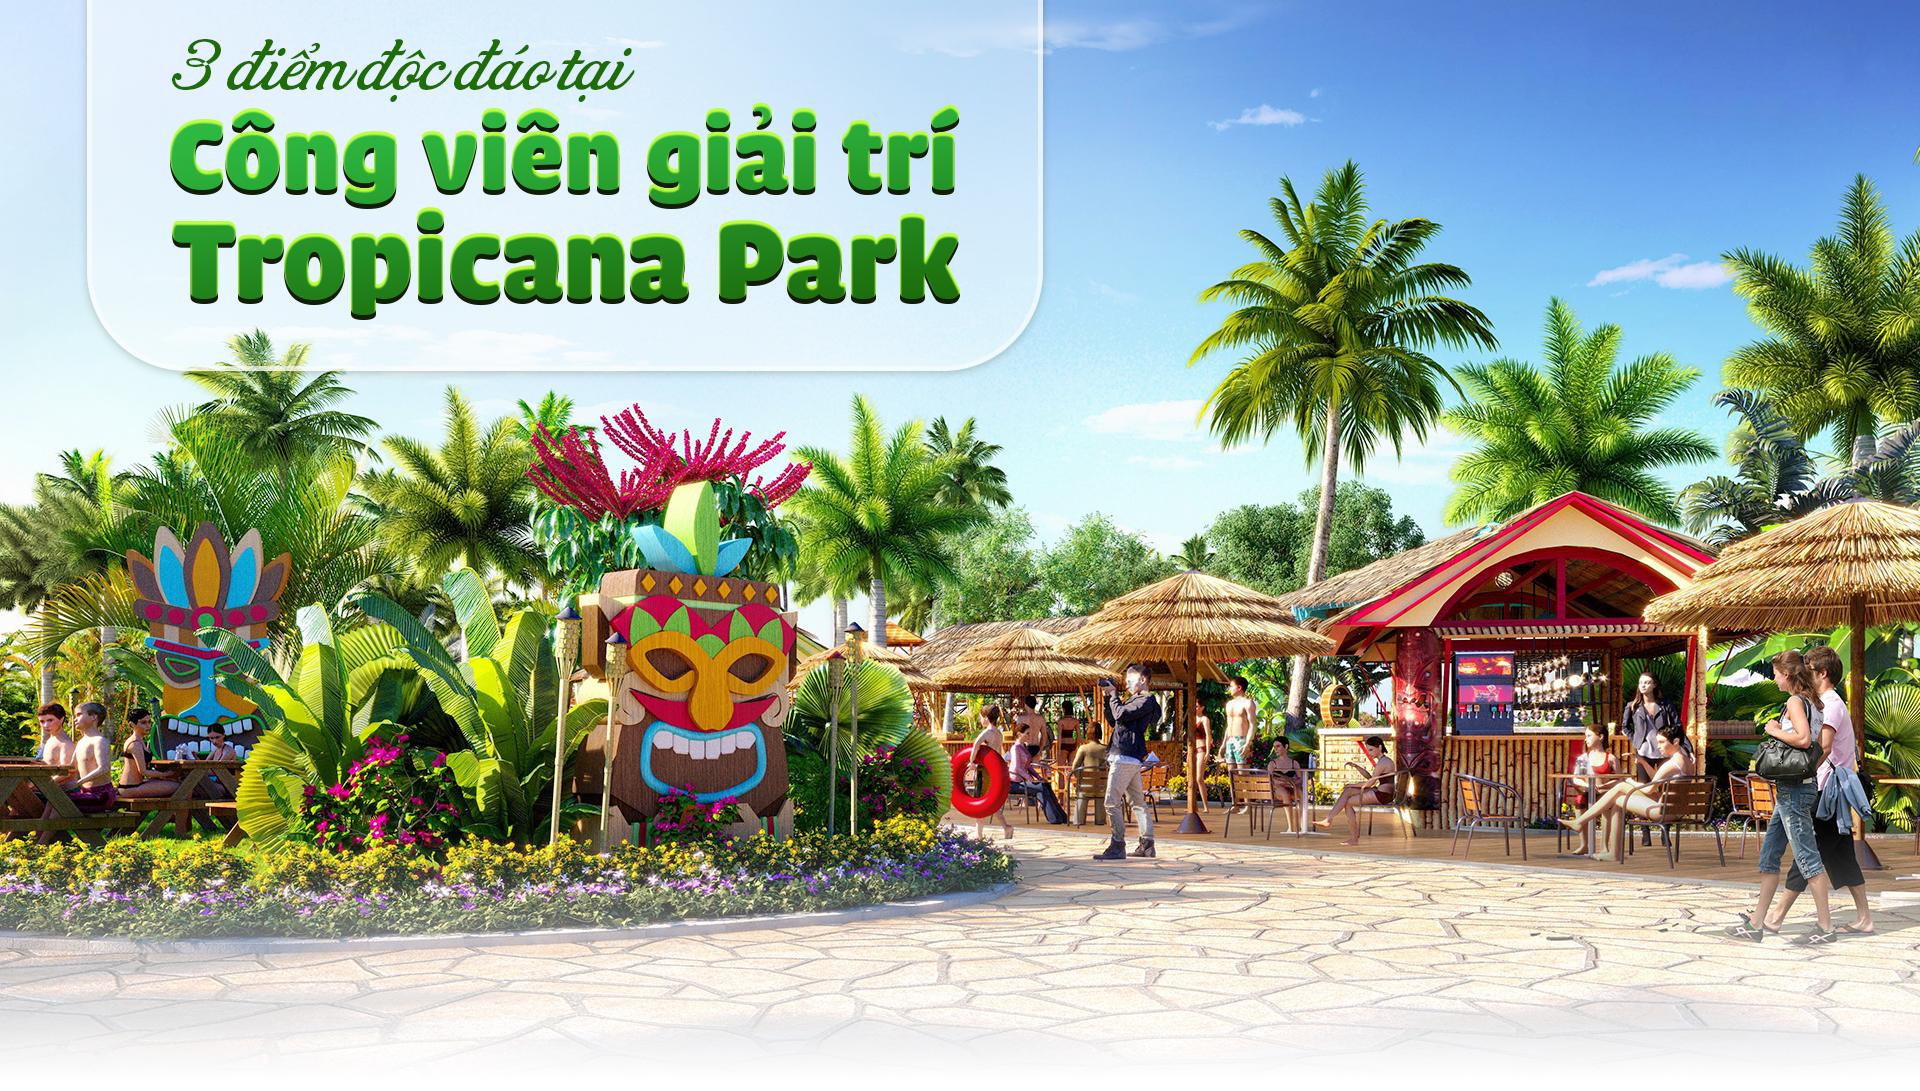 3 điểm độc đáo tại Công viên giải trí Tropicana Park 1